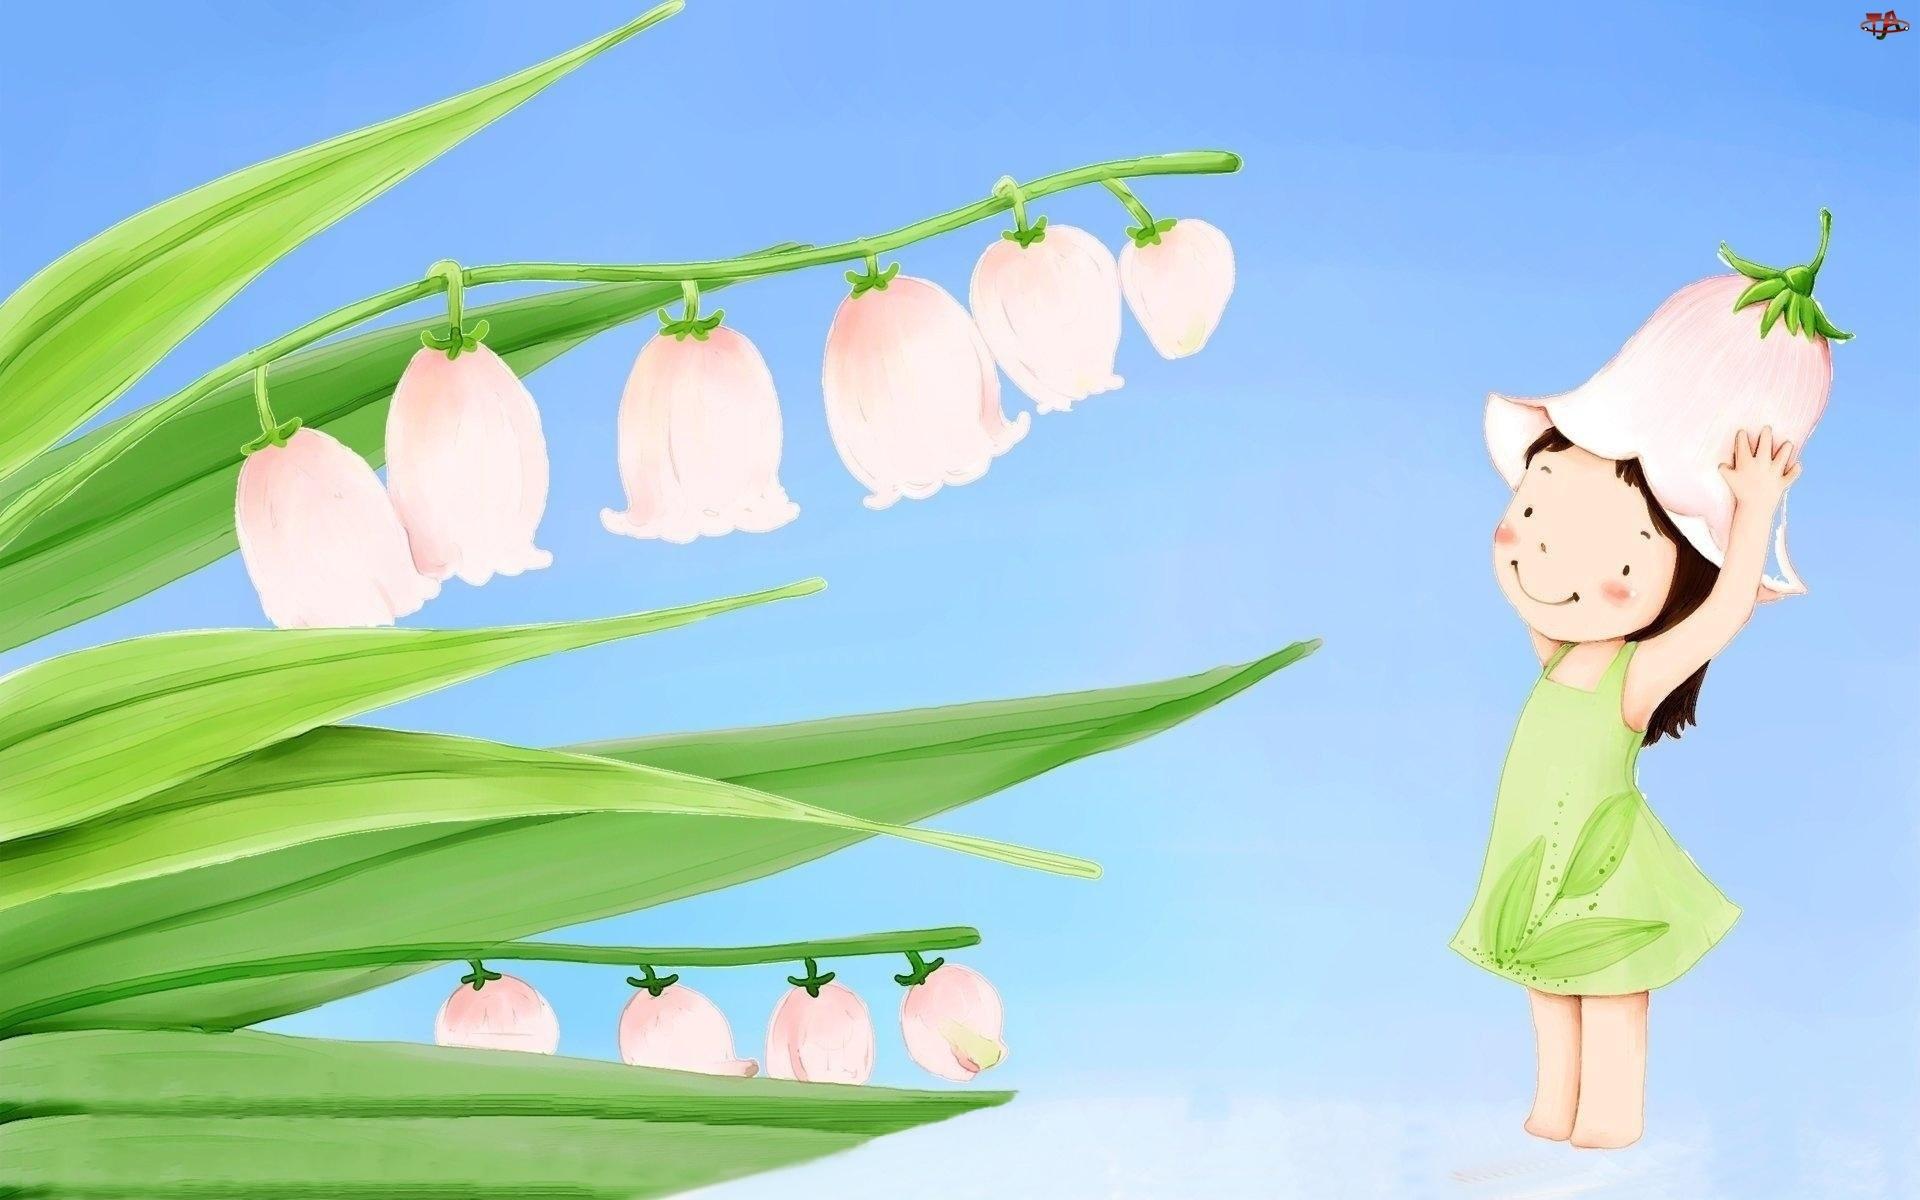 Dzwonki, Dziecko, Kwiaty